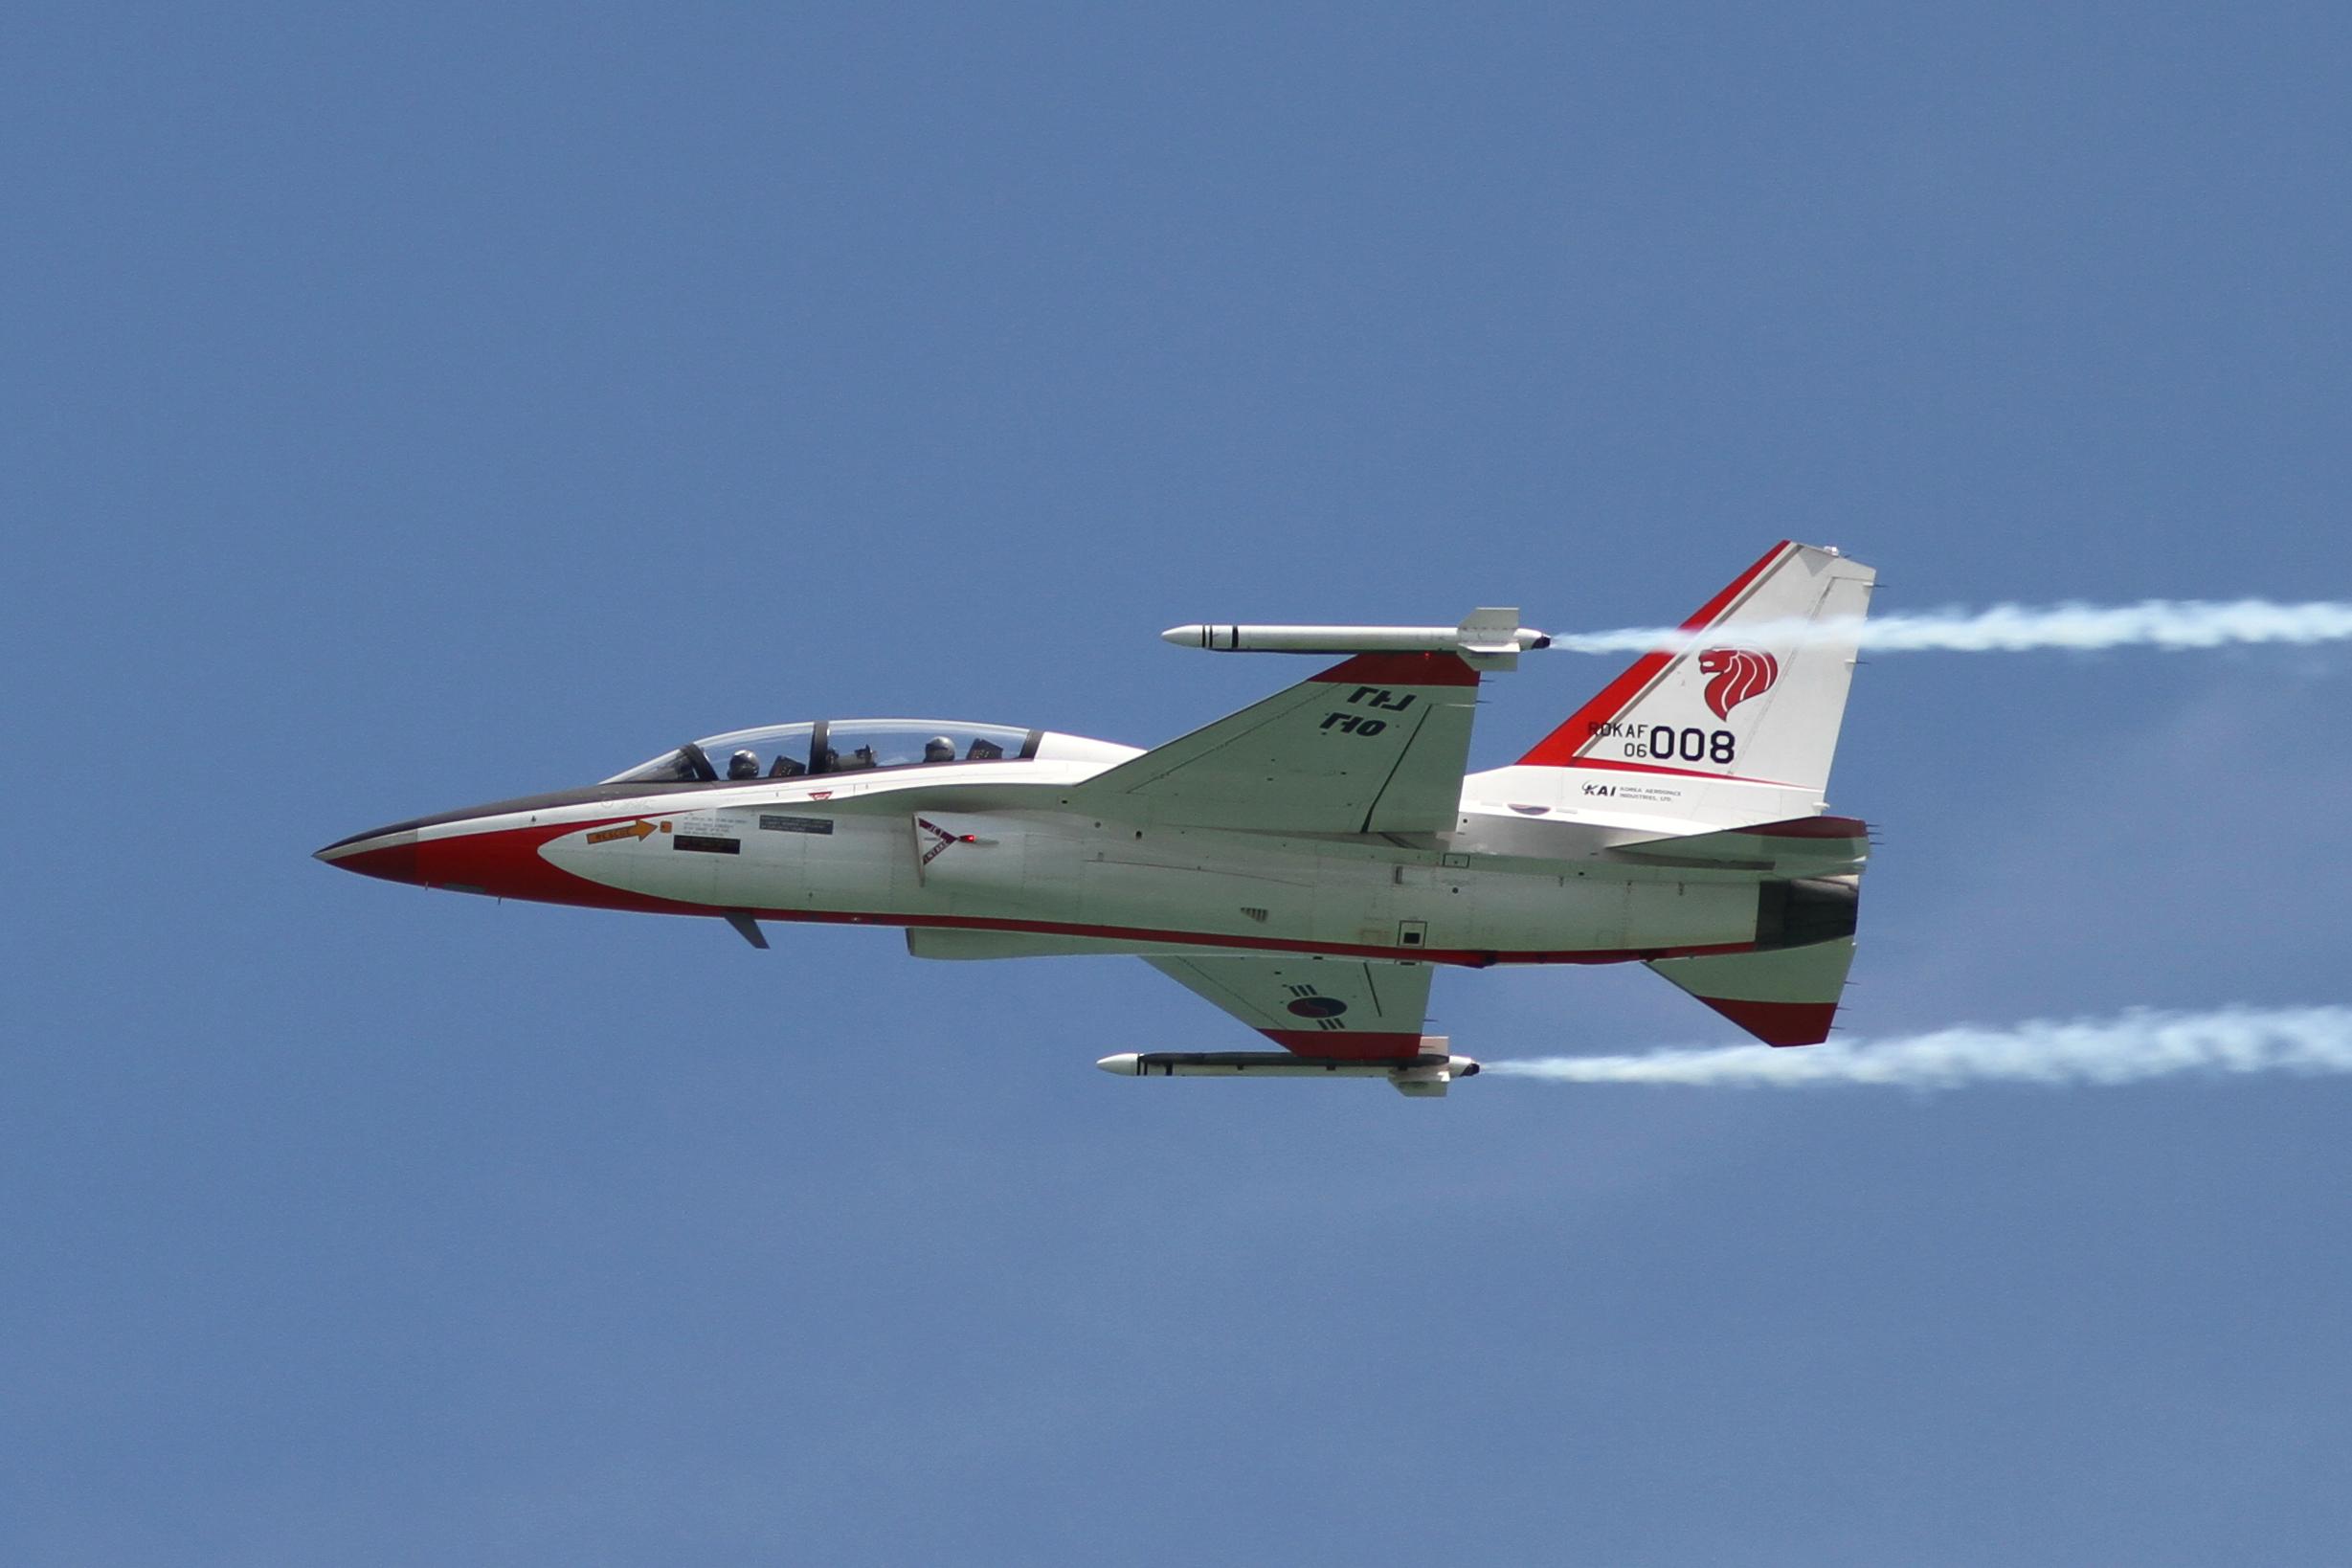 ROK_Air_Force_TA-50(06-008)_(4340109745).jpg